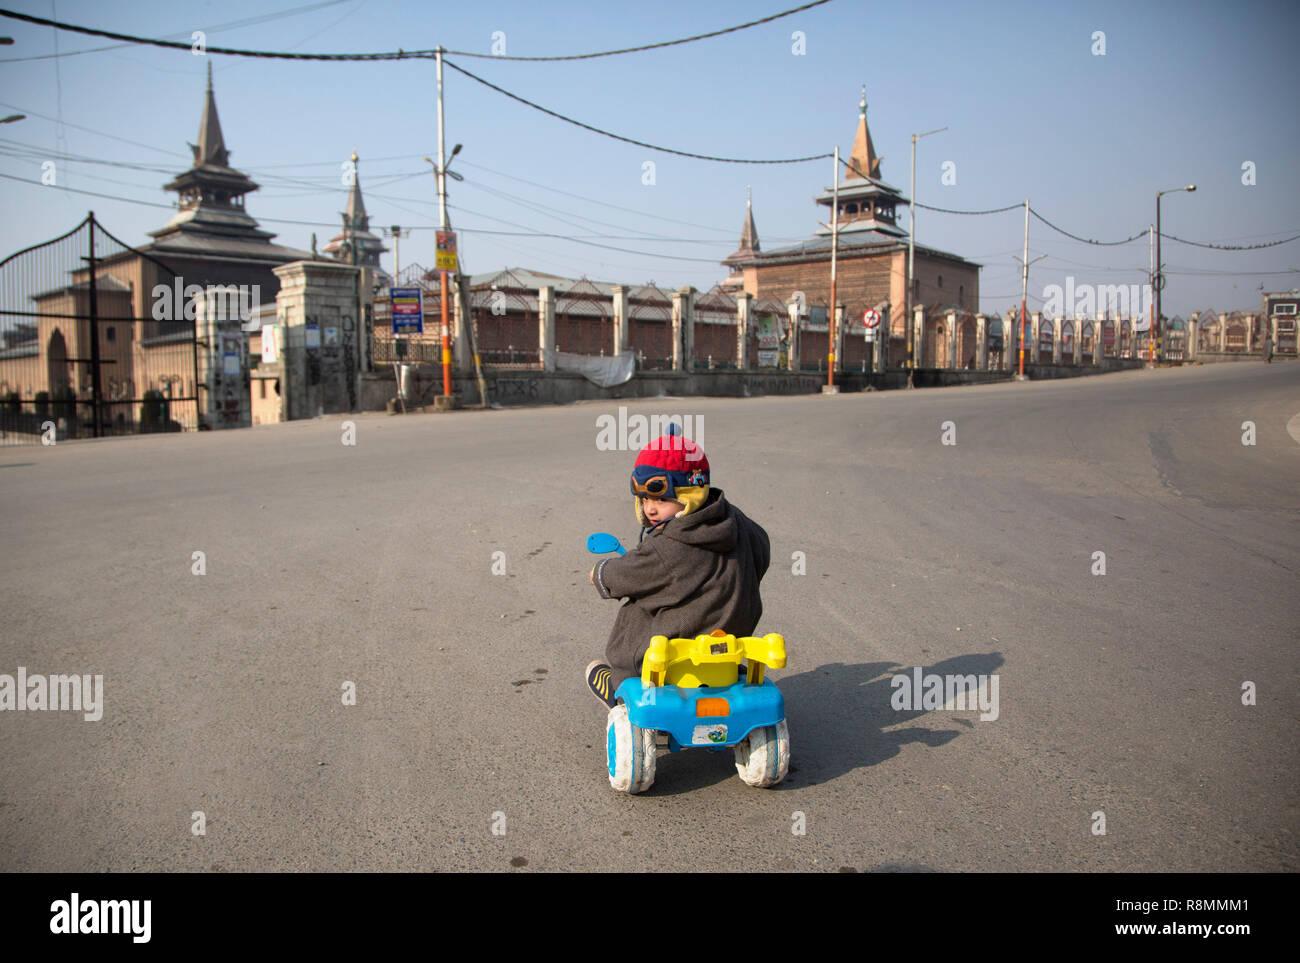 181216) -- SRINAGAR, Dec  16, 2018 (Xinhua) -- A Kashmiri